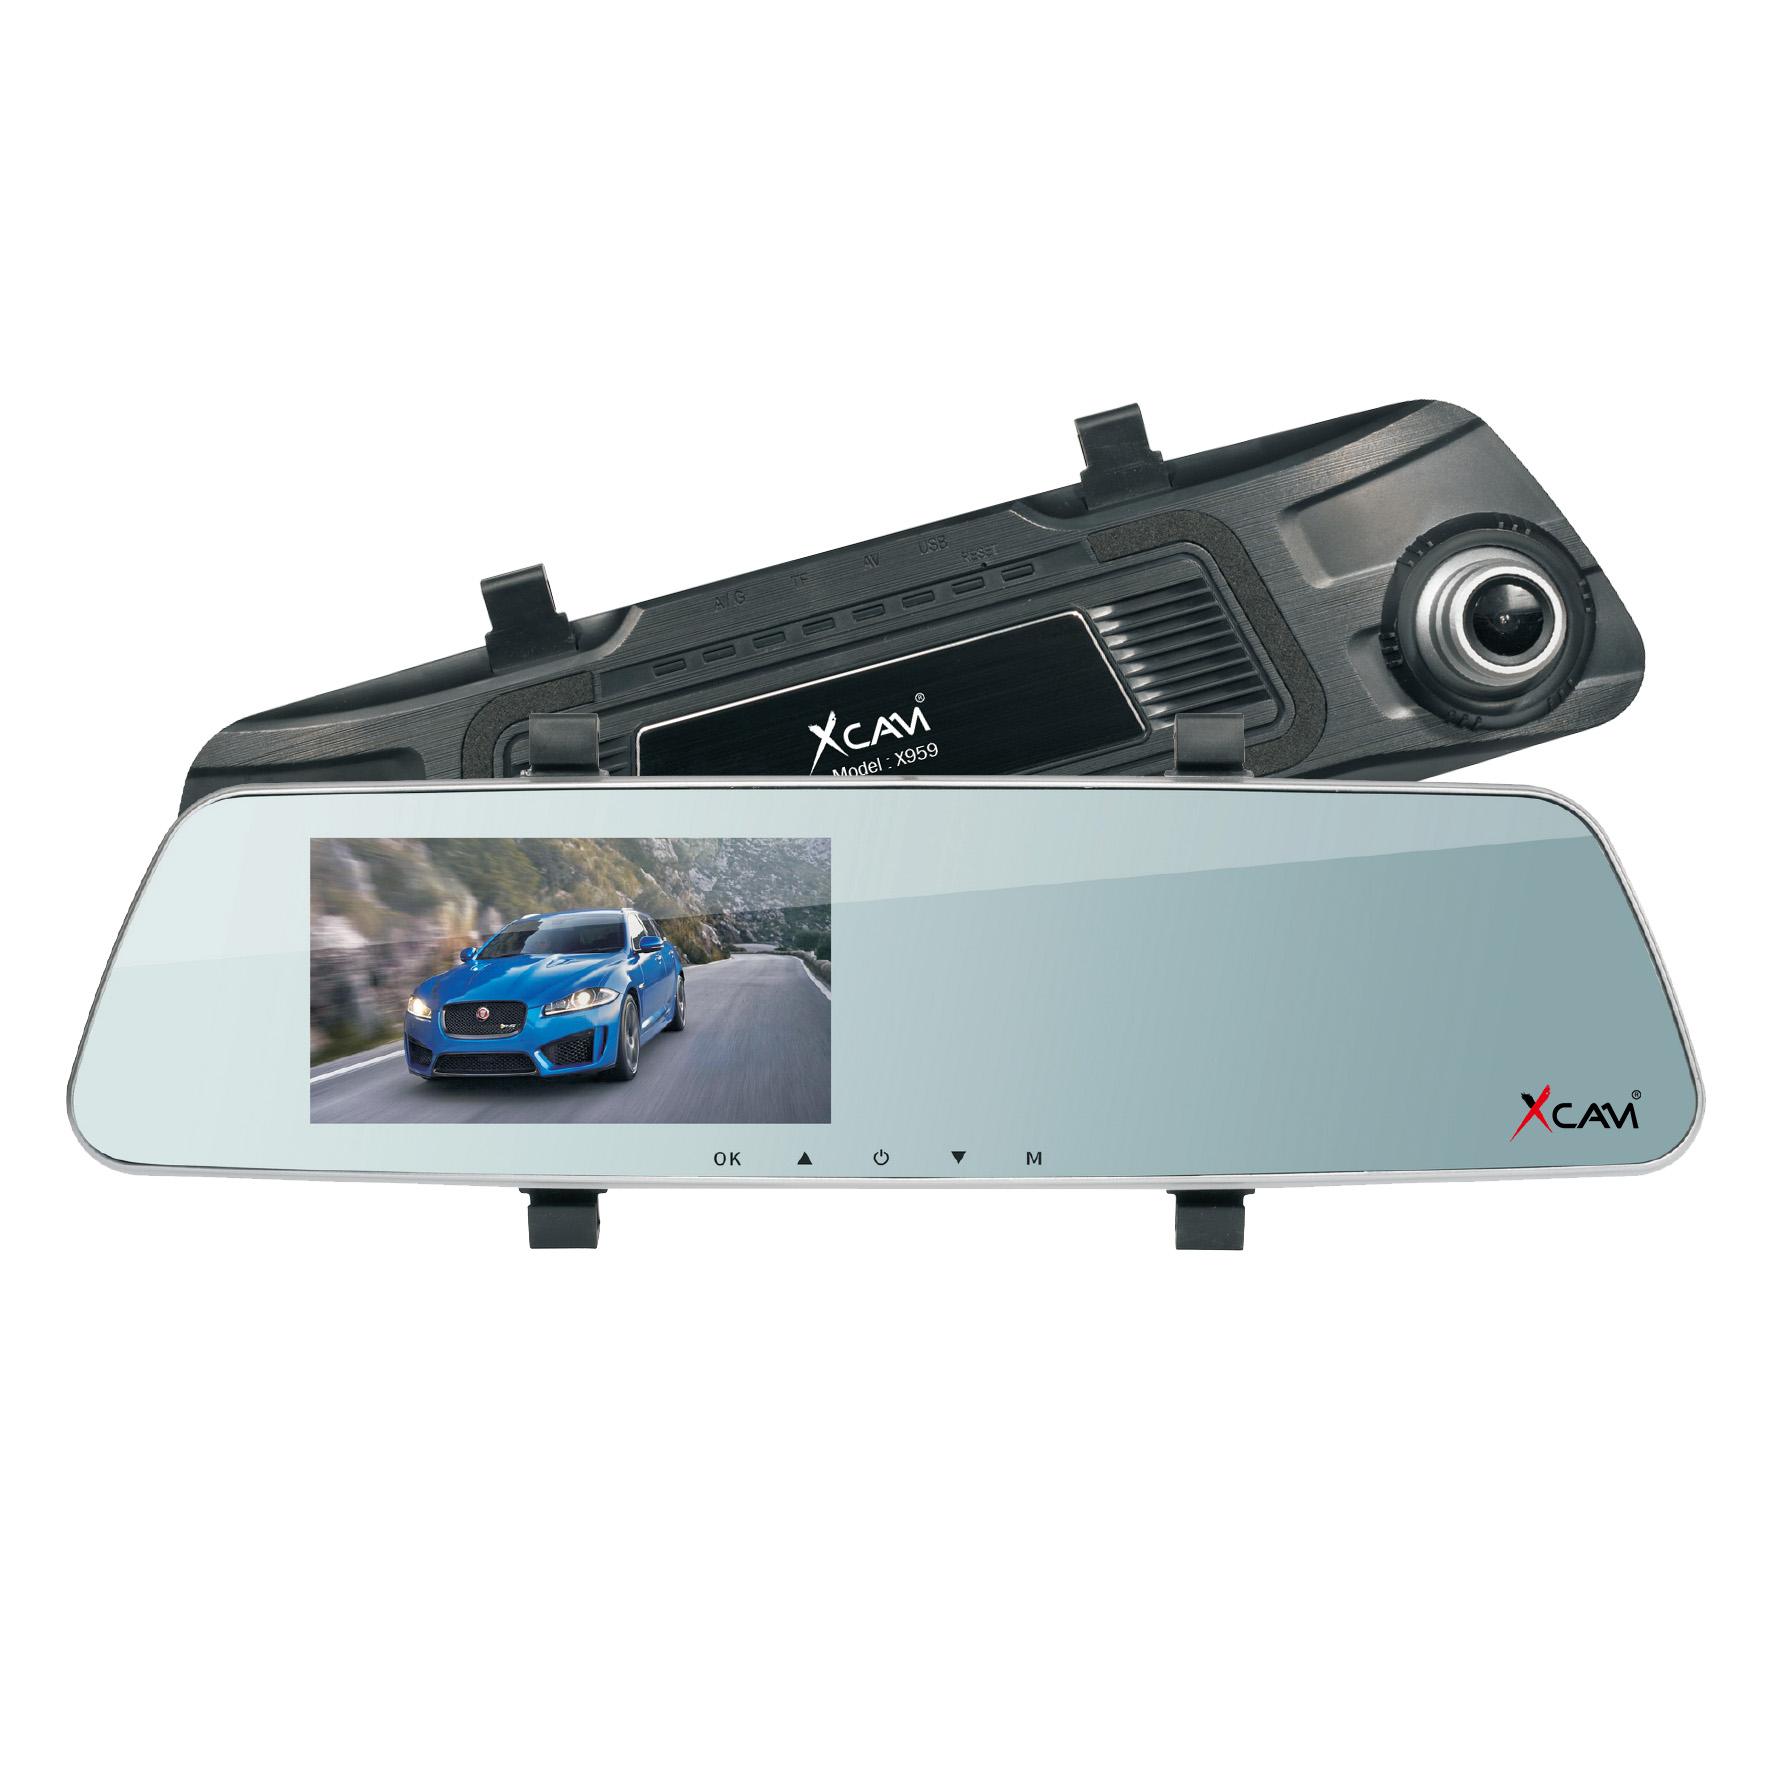 กล้องติดรถยนต์ XCAM รุ่น X959 NEW 2019